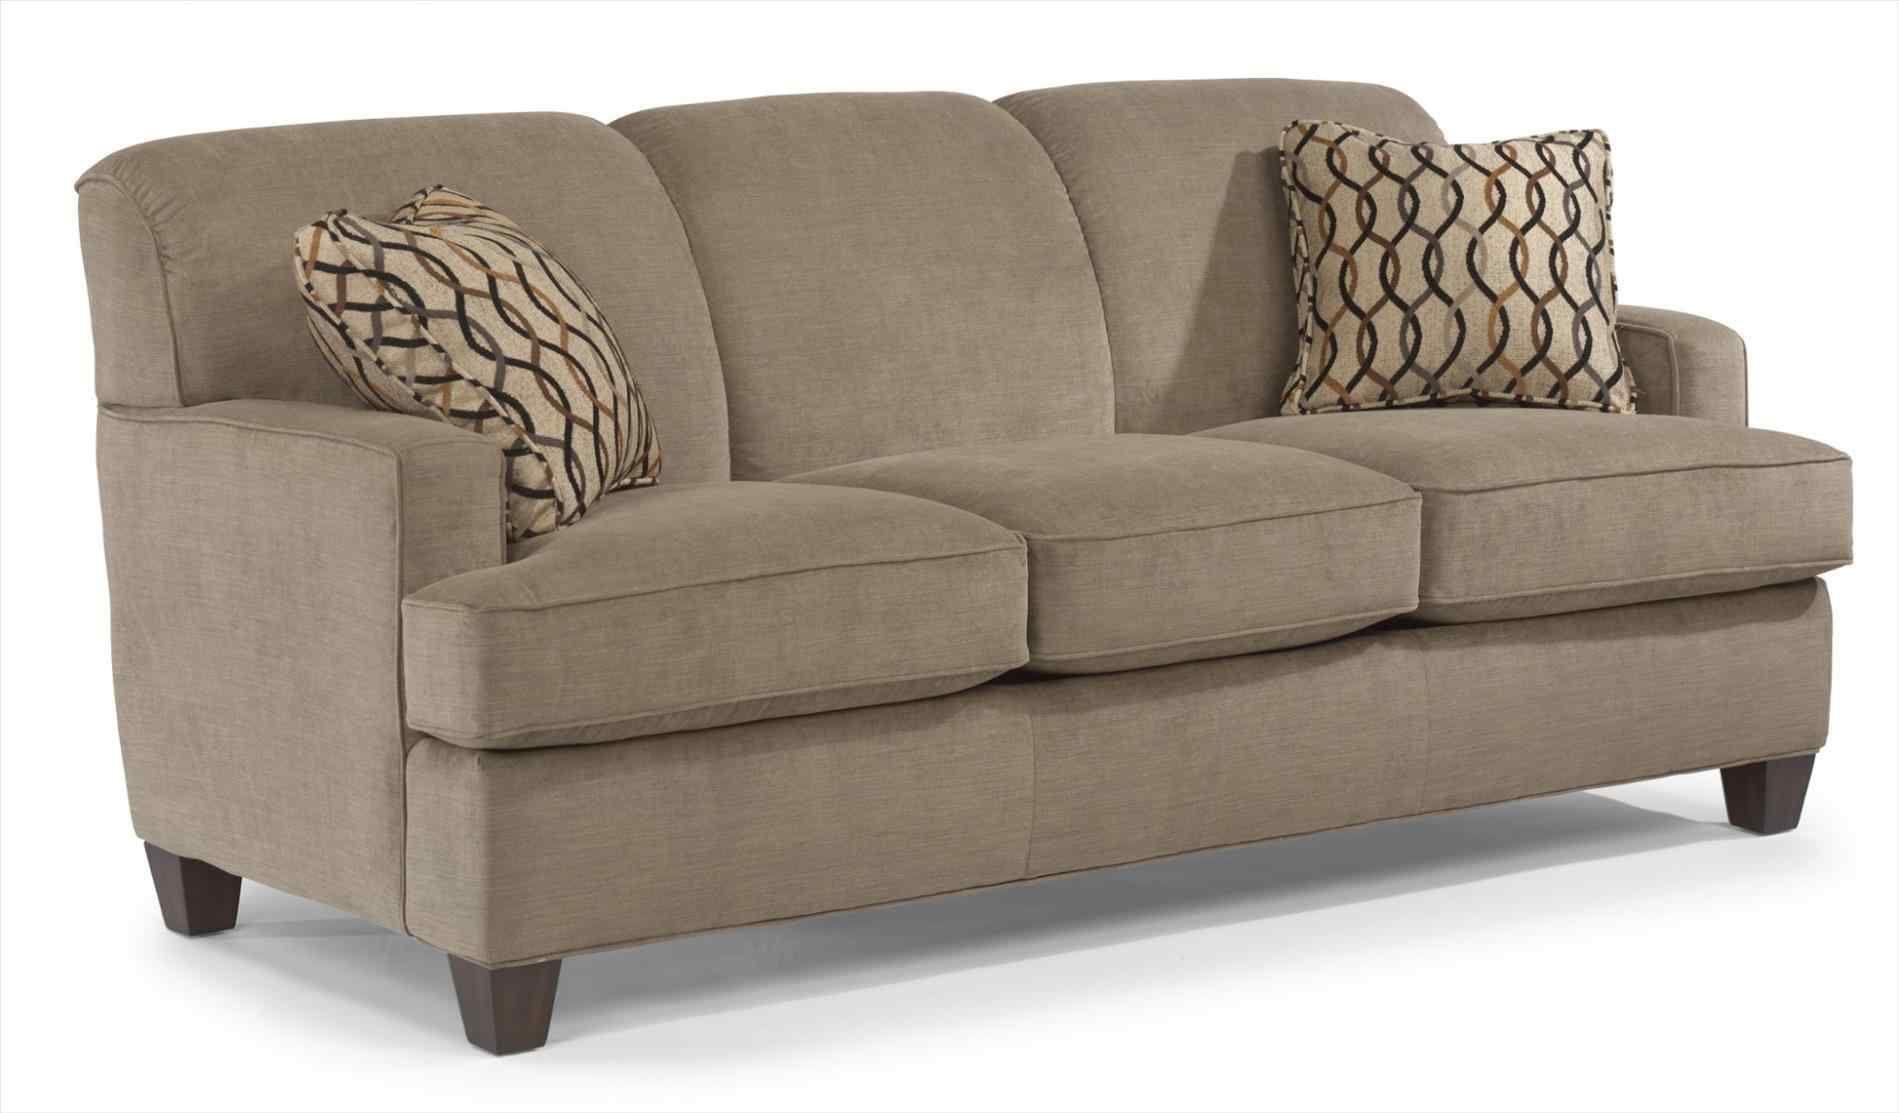 Brilliant Flexsteel Sleeper Sofa Beds Queen Size Best Living Room